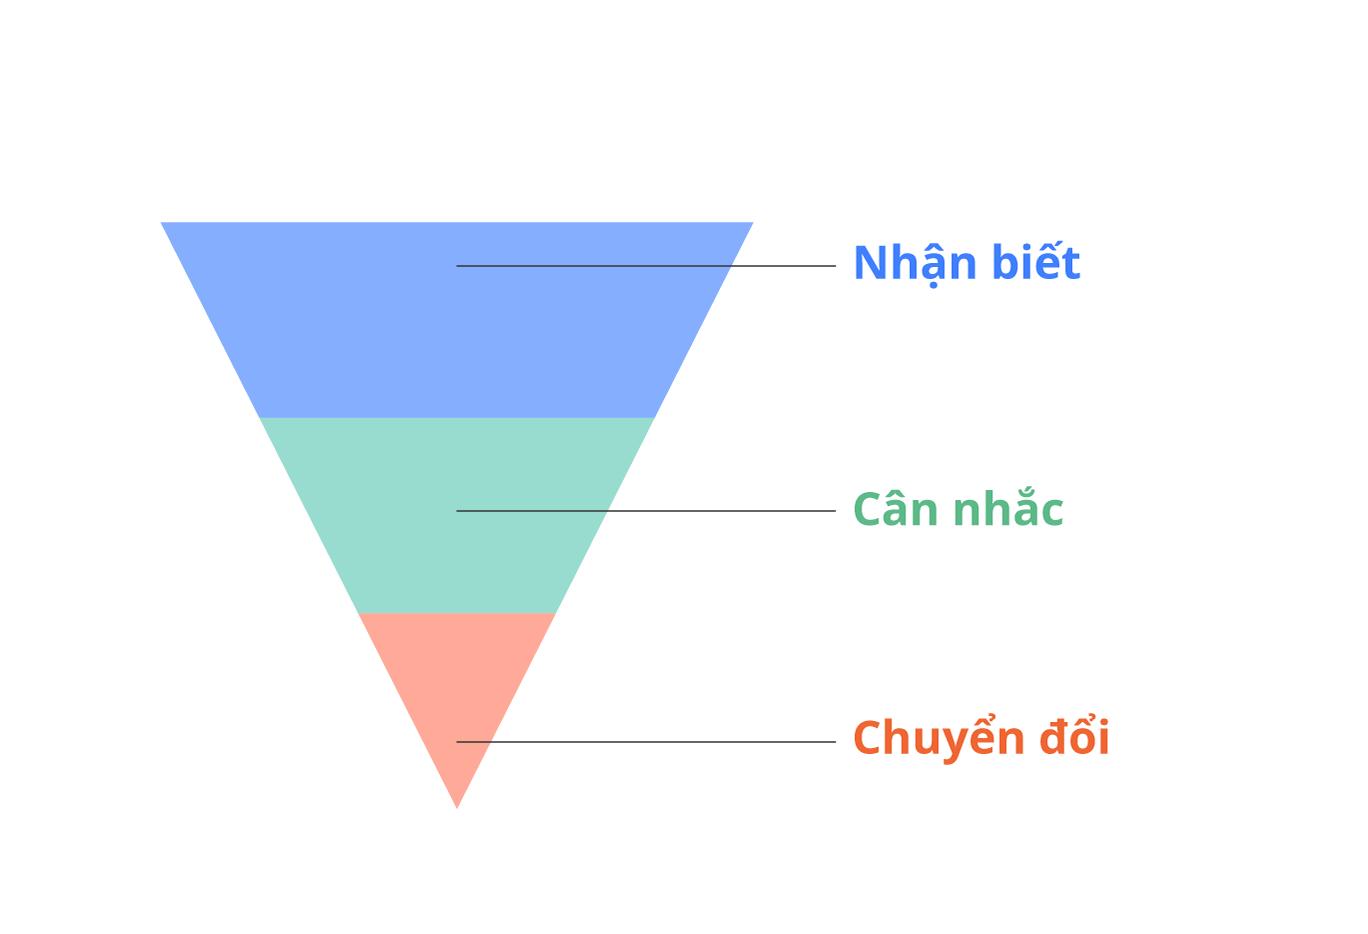 Ba giai đoạn trong hành trình của khách hàng